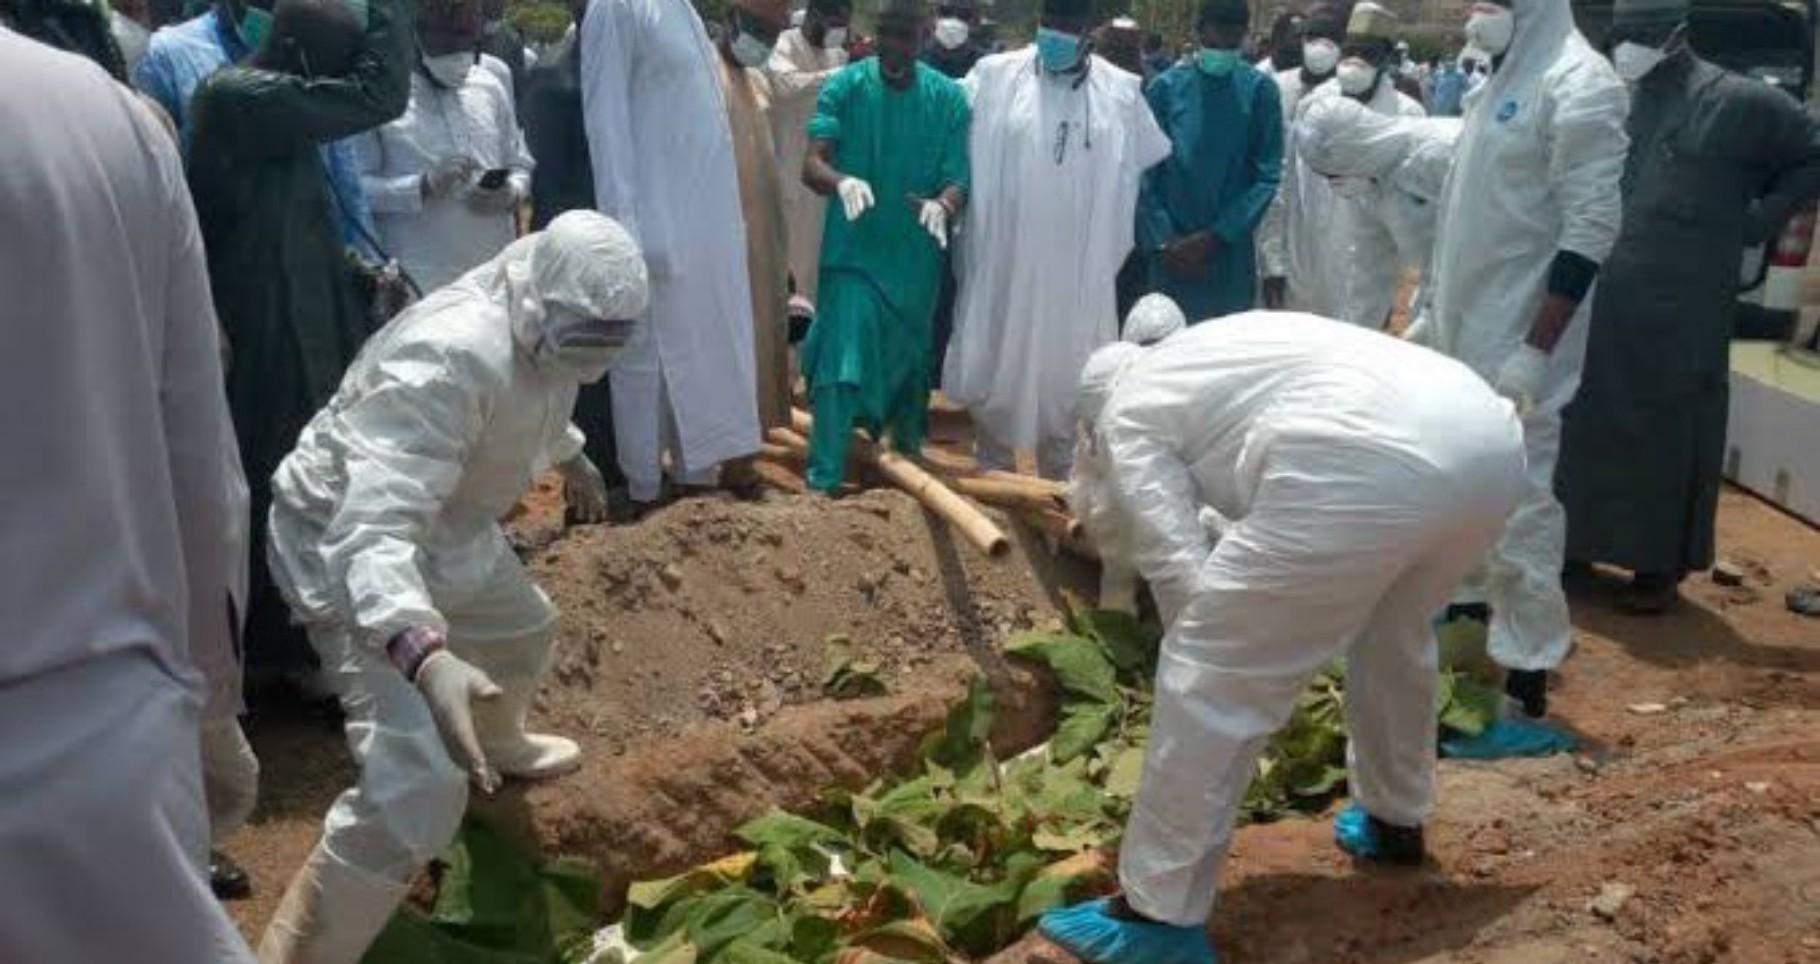 Ganduje condoles with Buhari, Borno over Abba Kyari's death